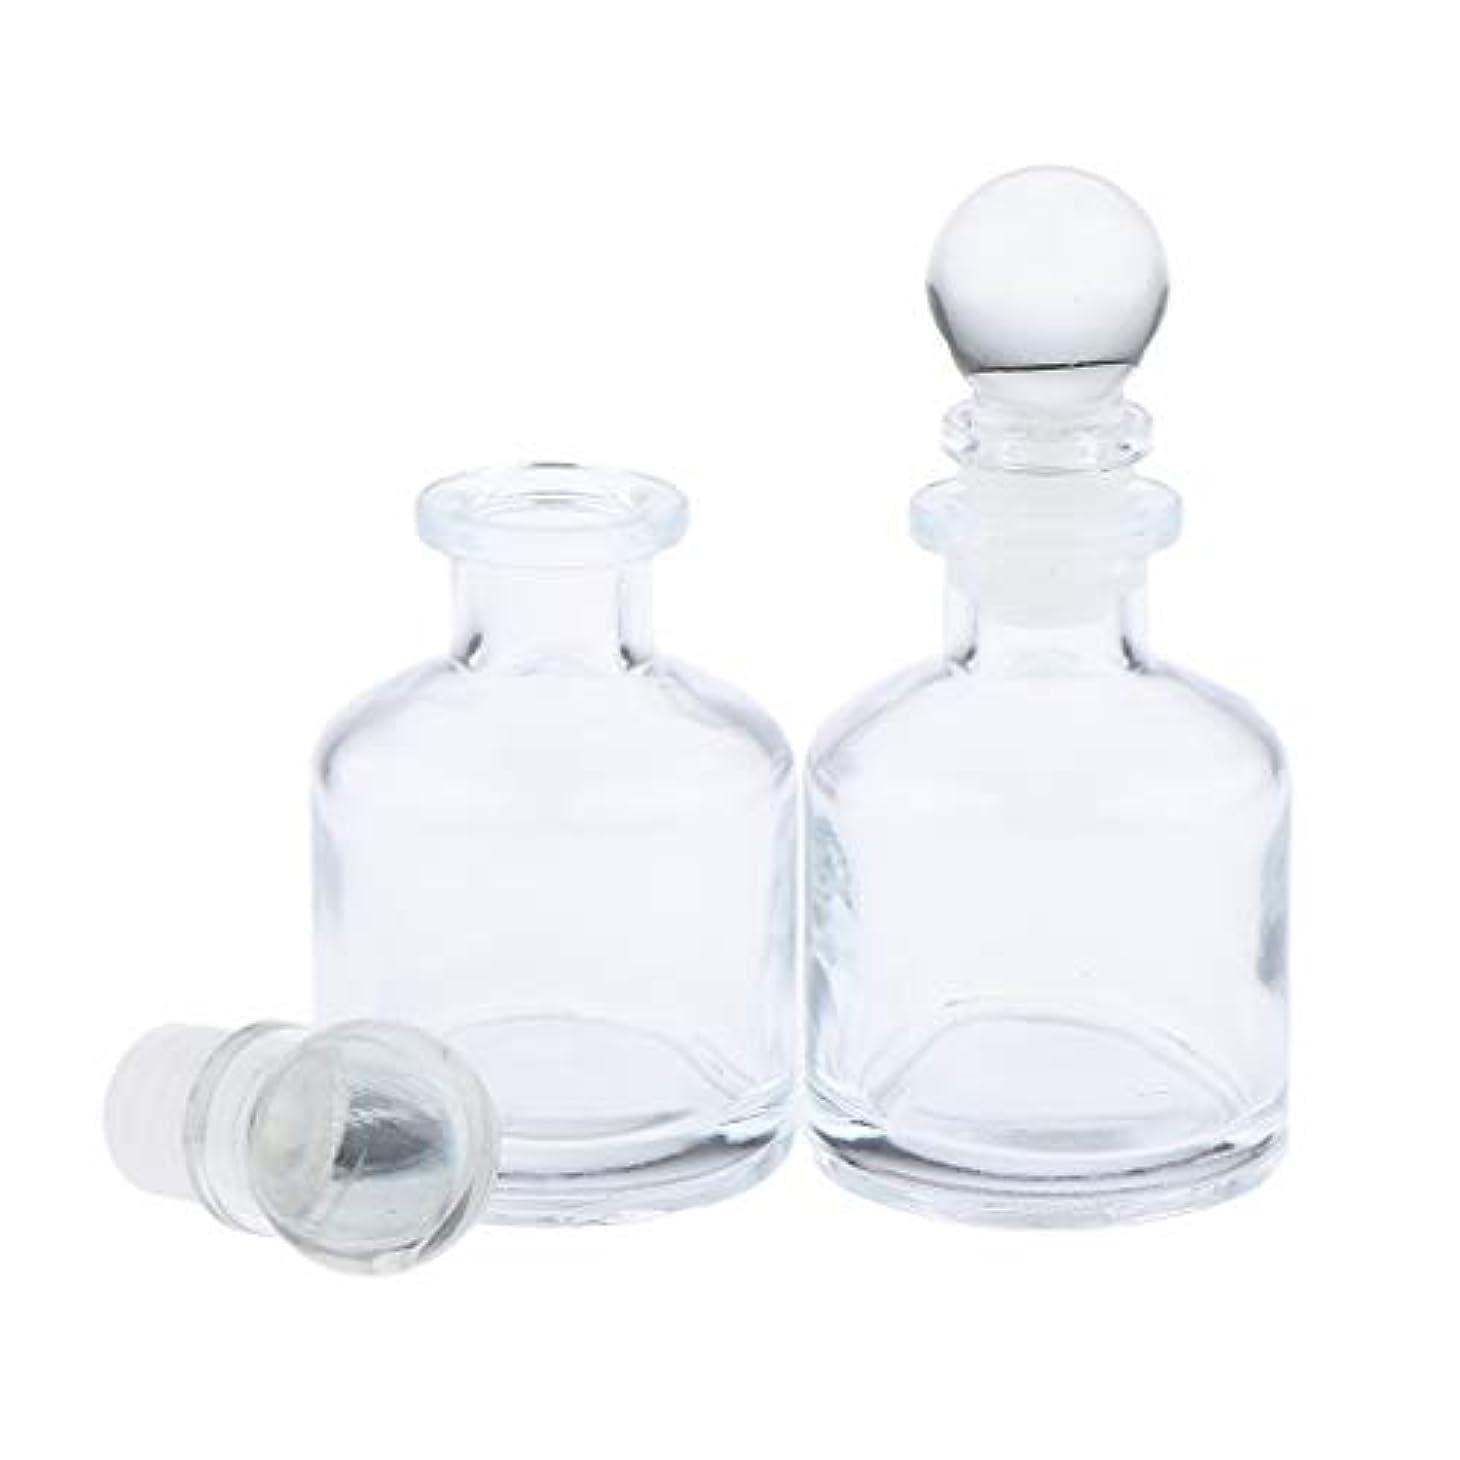 ペインティングレバー夫2個 香水ディフューザーボトル ガラス瓶 丸い クリア 部屋装飾 インテリア 2サイズ選べ - 50ミリリットル